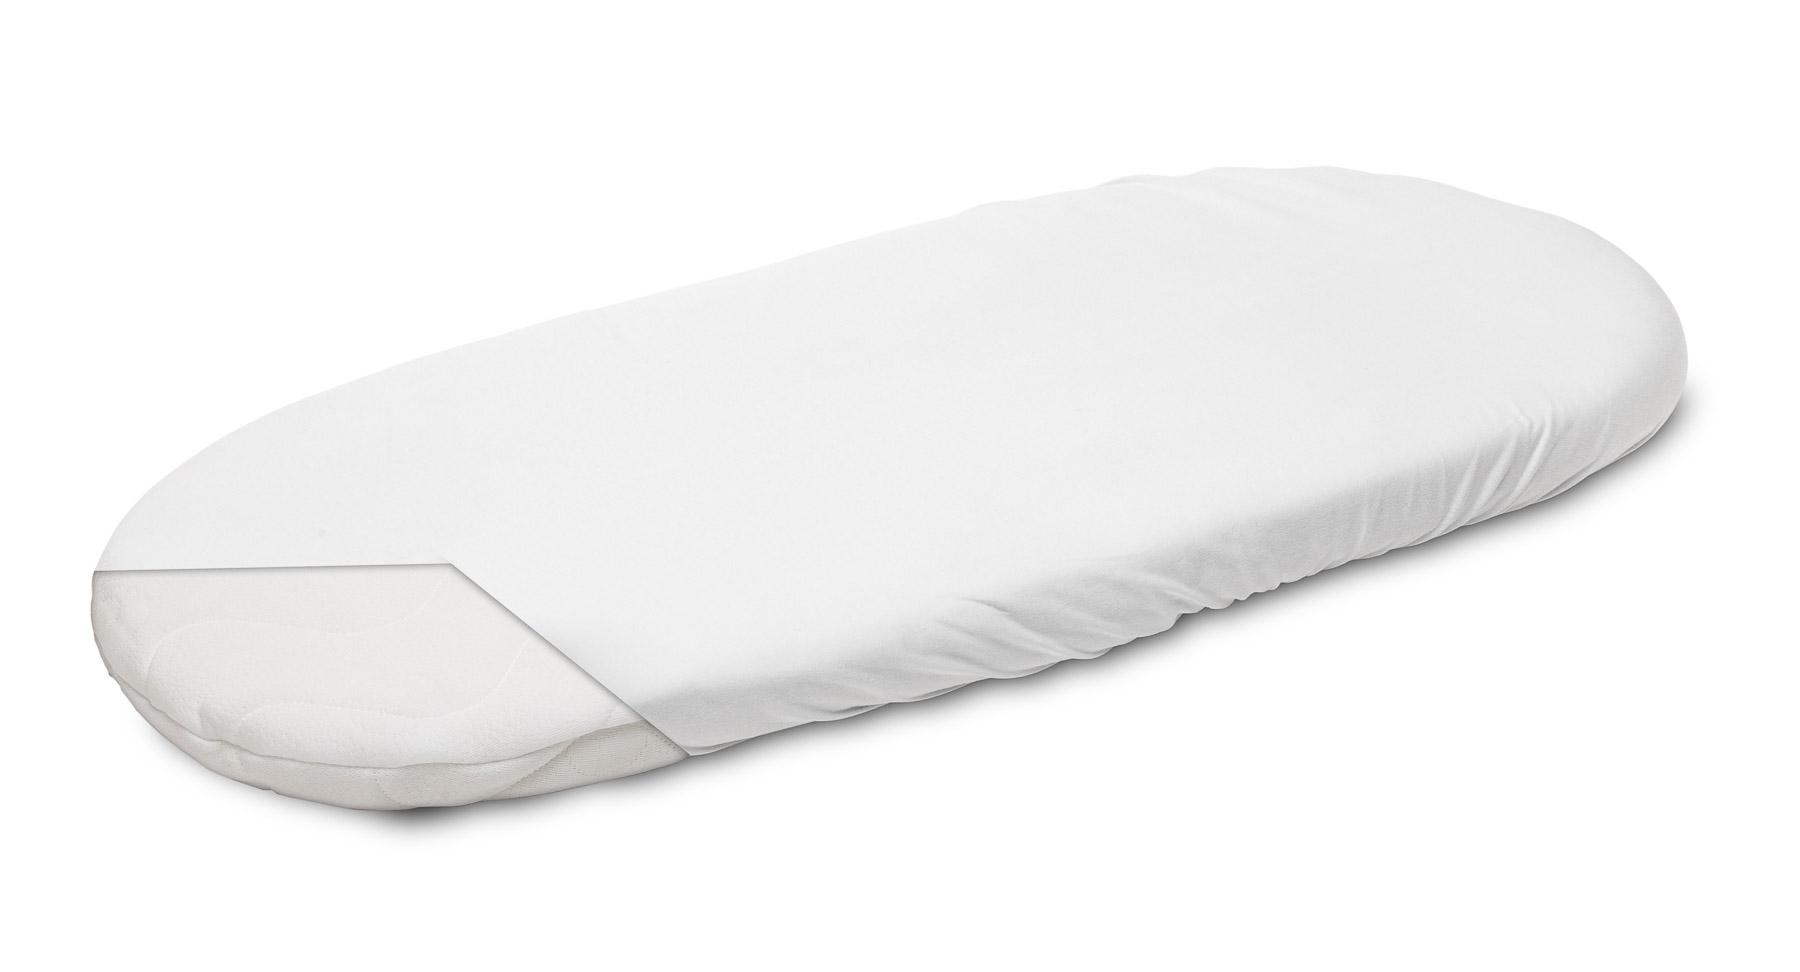 Jersey Pushchair Sheet – white